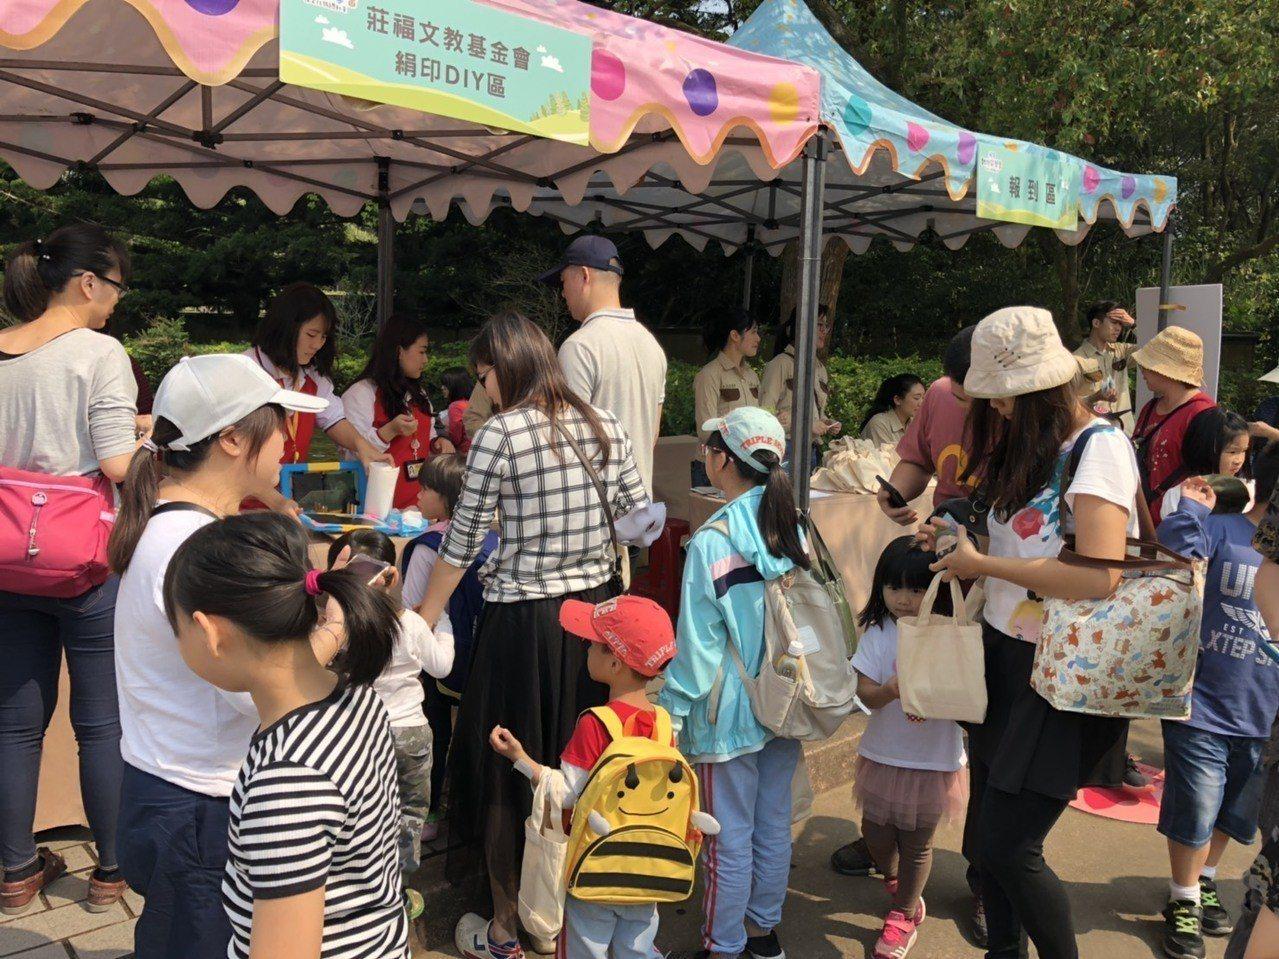 今天也是六福村第二季慶典「動物派對」活動首日,莊福基金會下午將在園區舉辦全國最大...